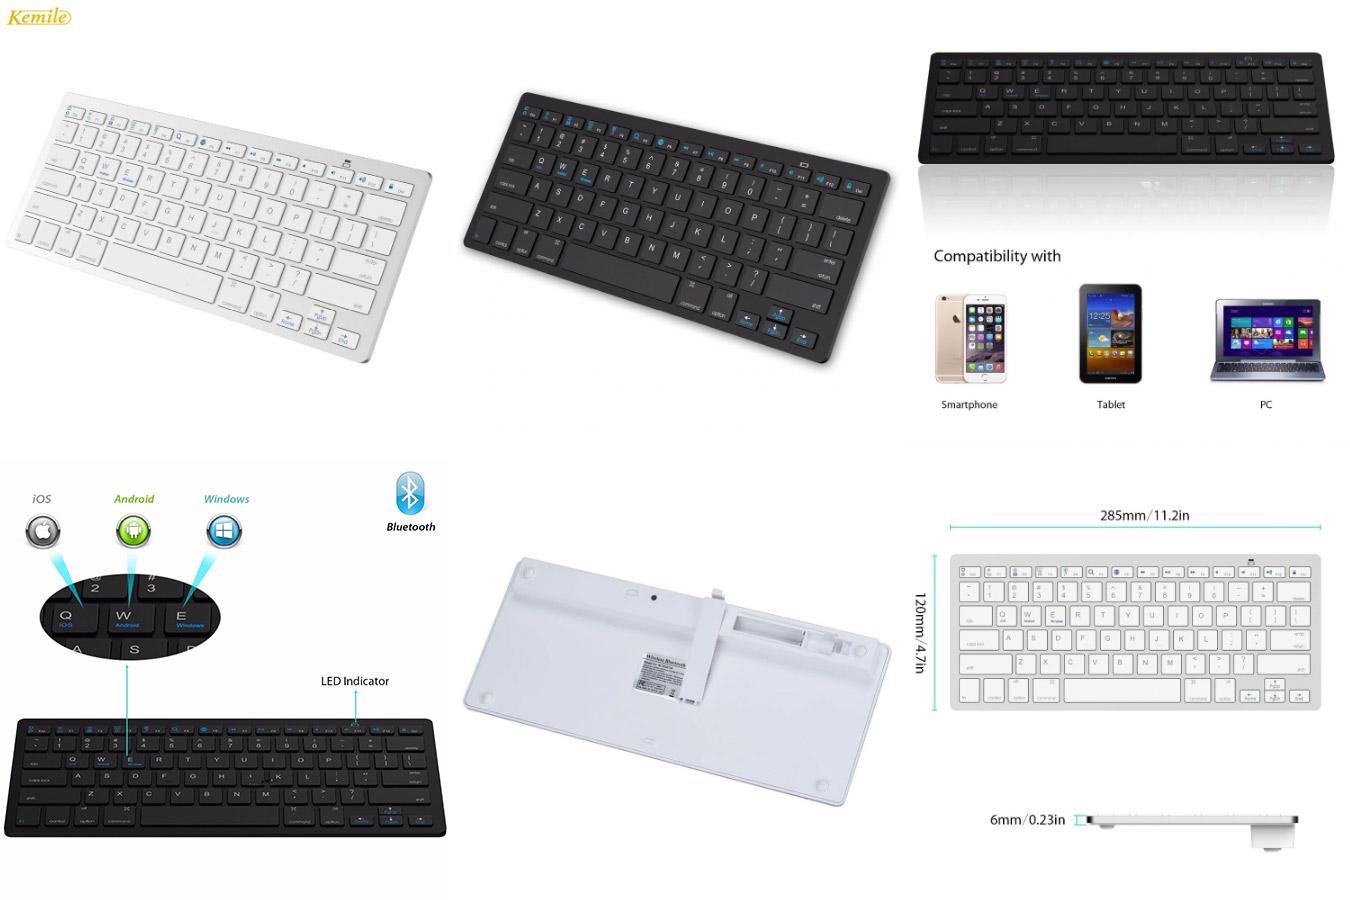 Ультратонкая стандартная клавиатура с алиэкспресс Kemile X5